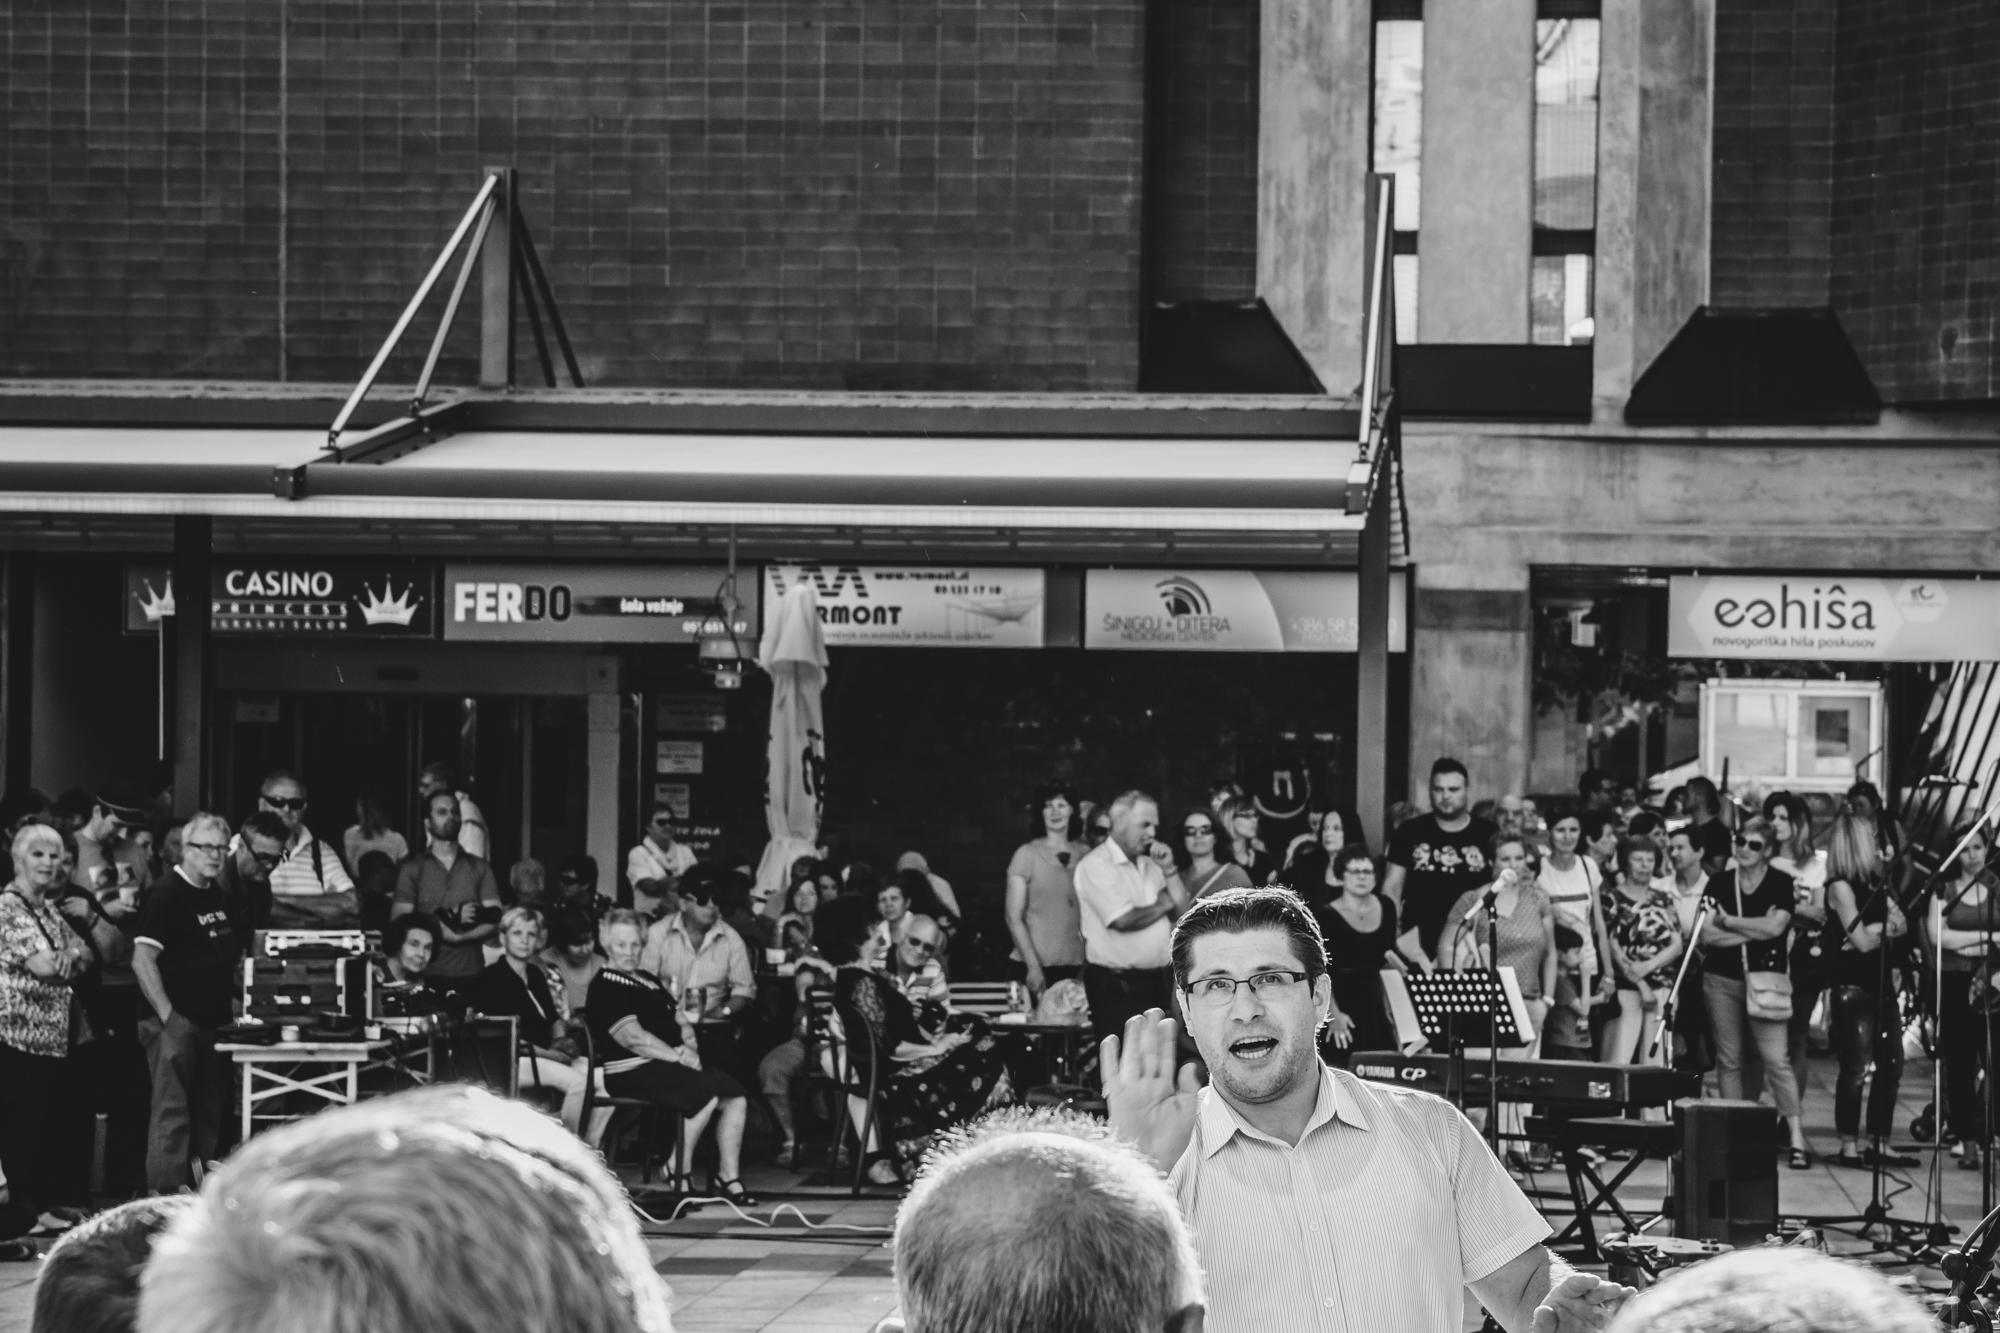 Mateja Pelikan, Slovenija/Slovenia: Zapojmo našemu mestu II, 2017, Združeni zbori Goriške, Slovenija / Sing to our City II, 2017, United choirs of the Goriška region, Slovenia